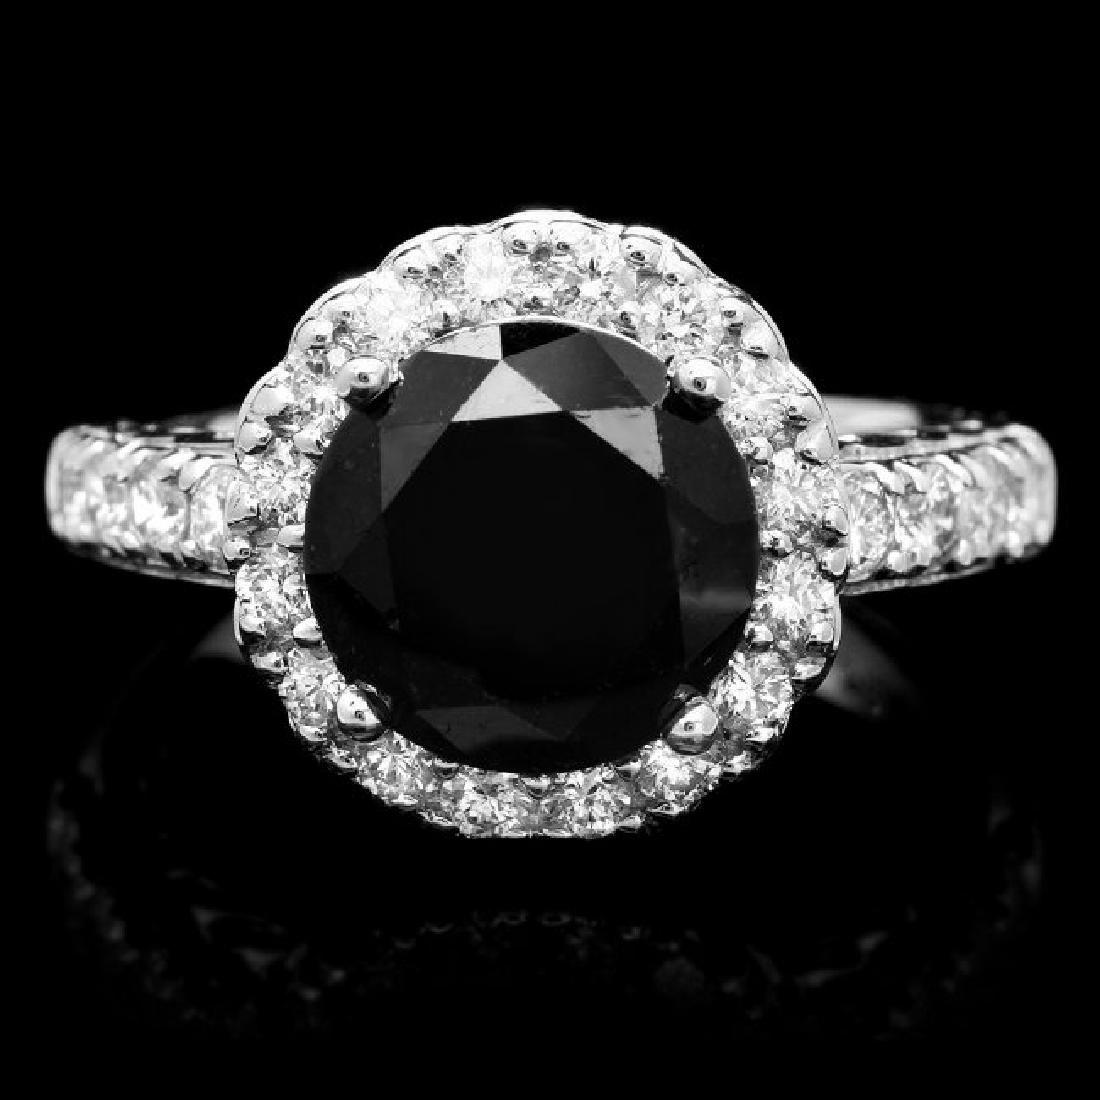 14k White Gold 4.35ct Diamond Ring